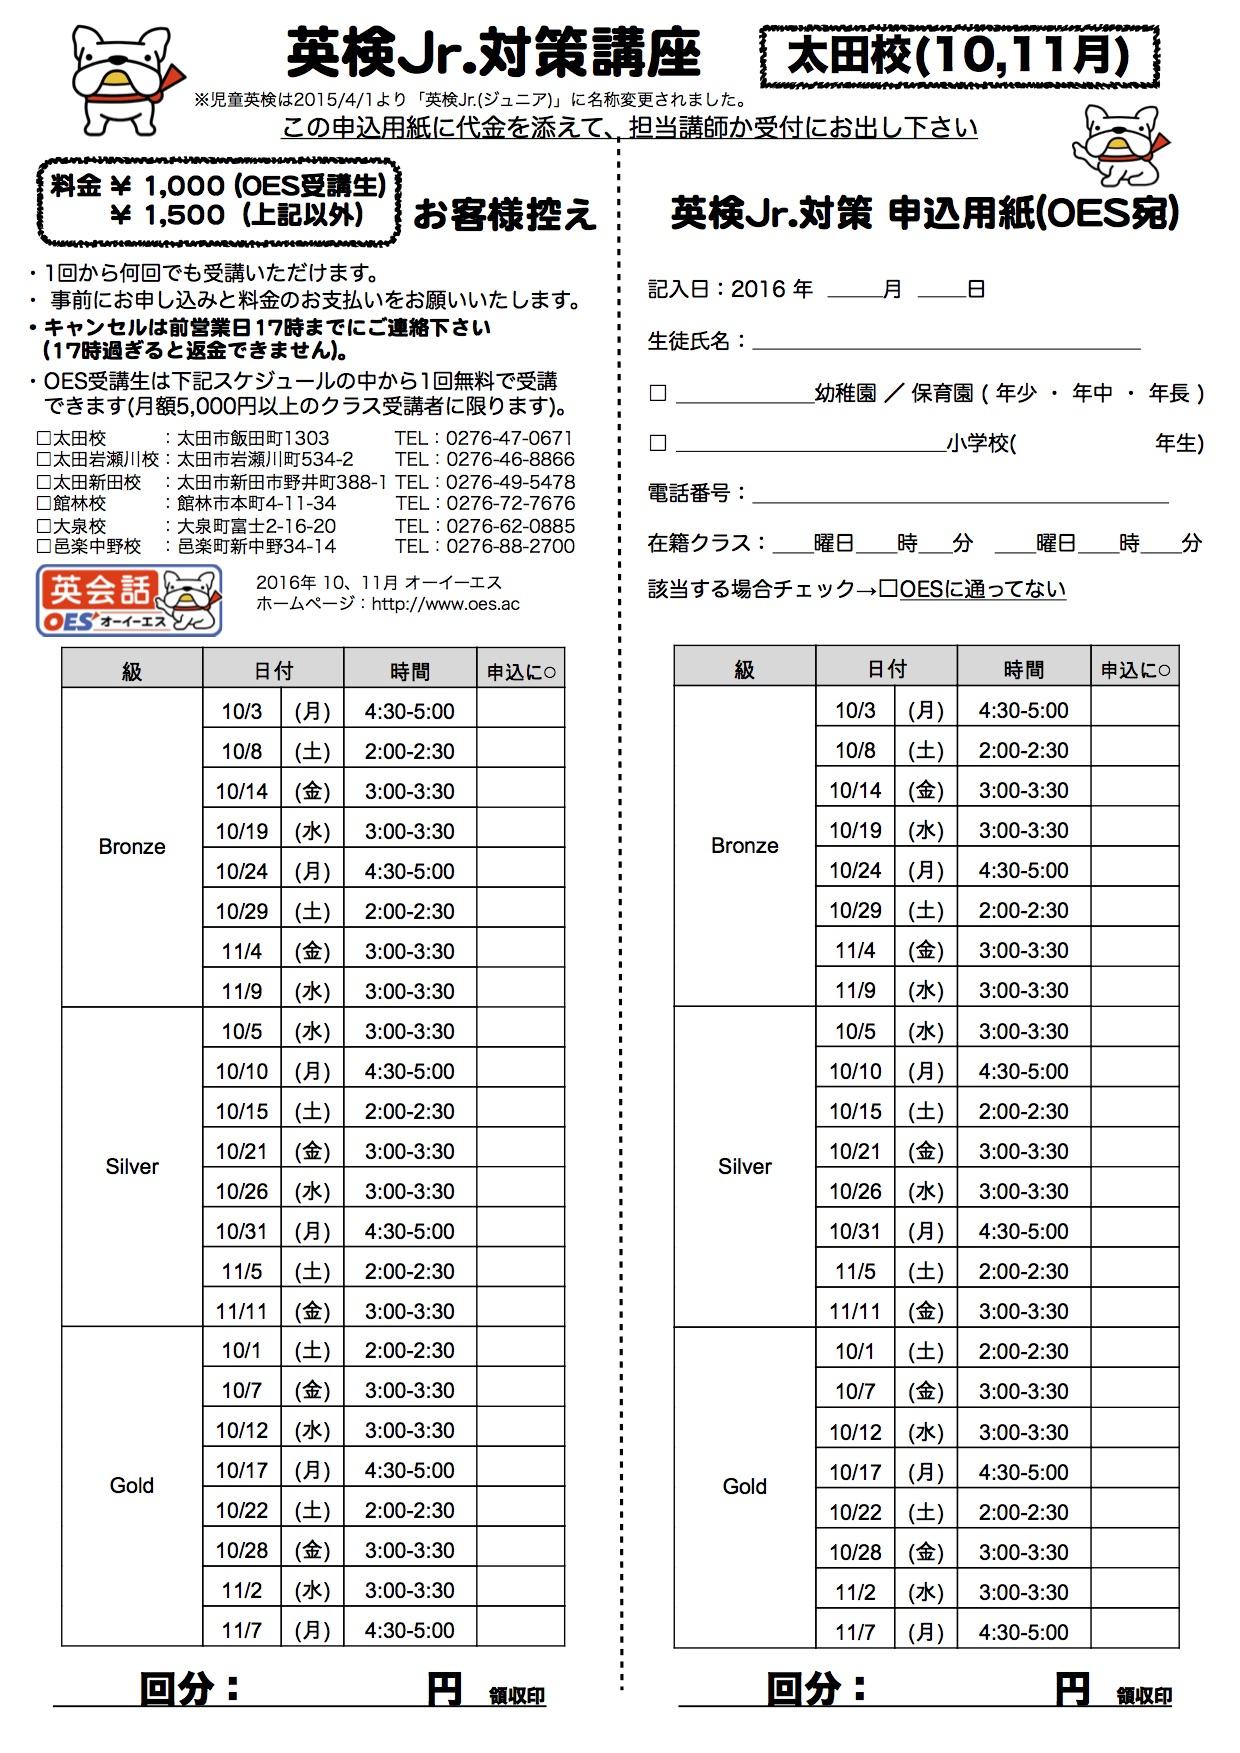 申込用紙 2016-2 太田校 10,11月